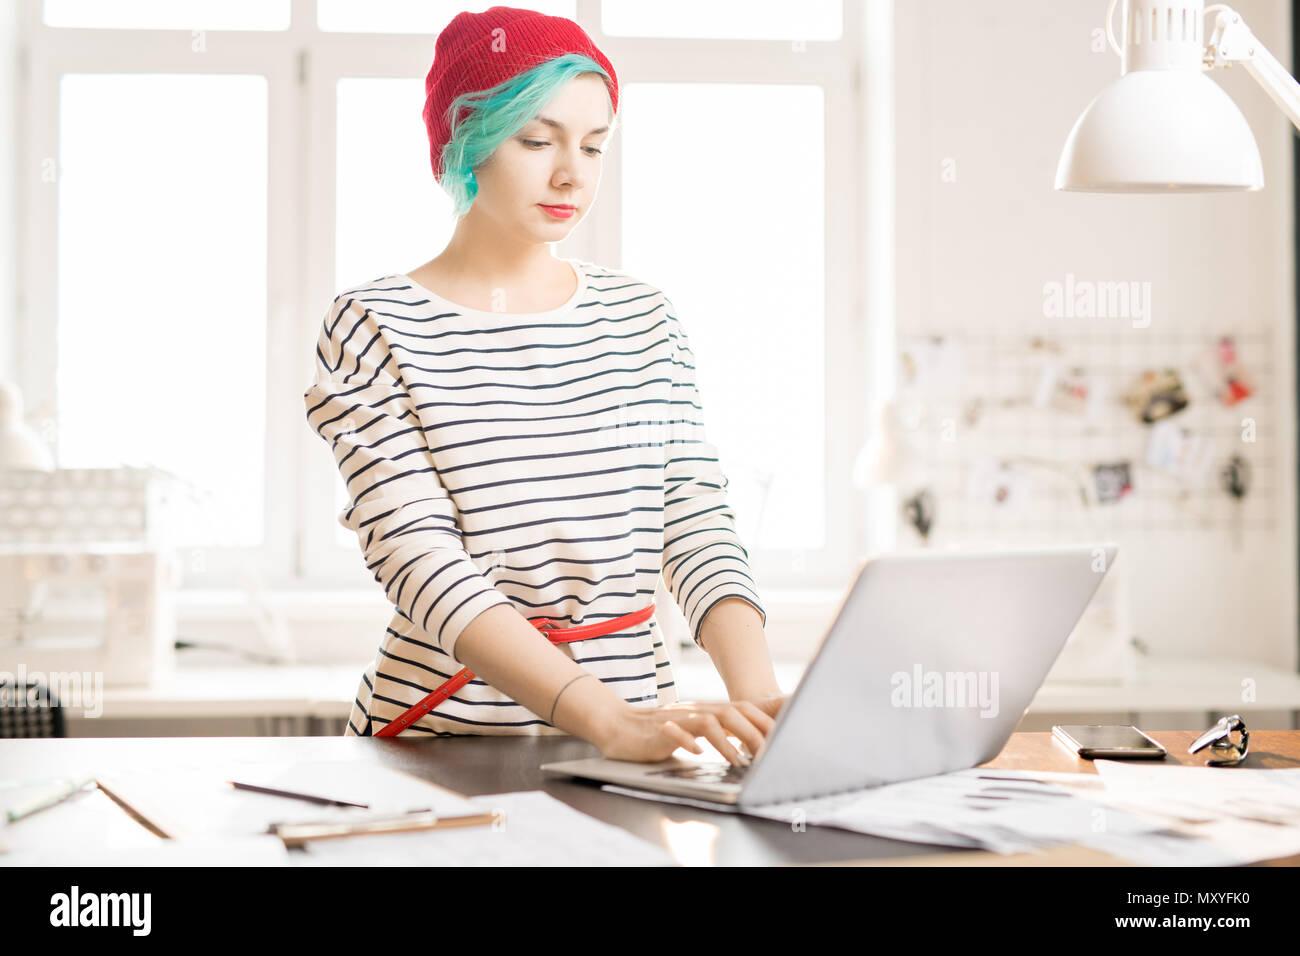 Taille bis Porträt des zeitgenössischen junge Frau mit grünen Haaren mit Laptop während der Arbeit an kreative Mode Design Projekt in kleinen Atelier Studio Stockbild